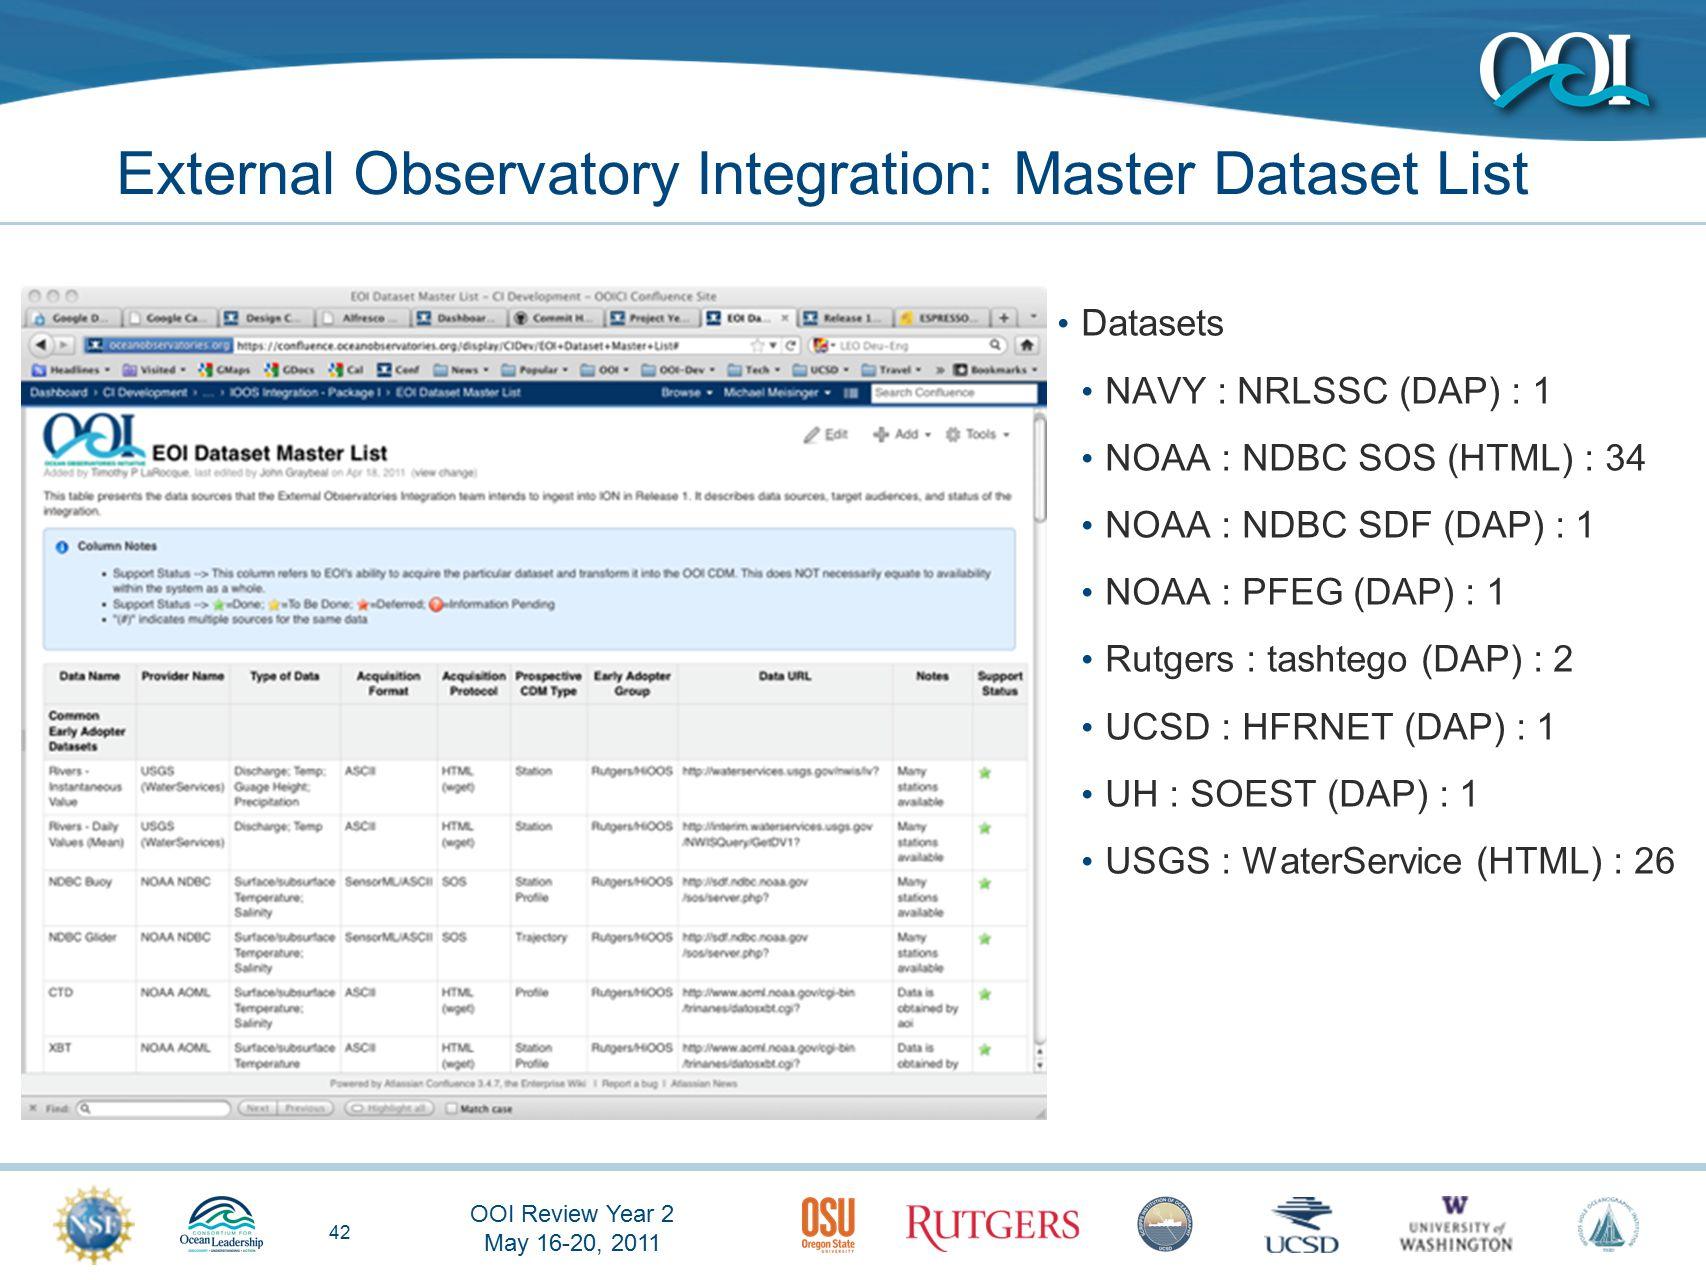 OOI Review Year 2 May 16-20, 2011 42 External Observatory Integration: Master Dataset List Datasets NAVY : NRLSSC (DAP) : 1 NOAA : NDBC SOS (HTML) : 34 NOAA : NDBC SDF (DAP) : 1 NOAA : PFEG (DAP) : 1 Rutgers : tashtego (DAP) : 2 UCSD : HFRNET (DAP) : 1 UH : SOEST (DAP) : 1 USGS : WaterService (HTML) : 26